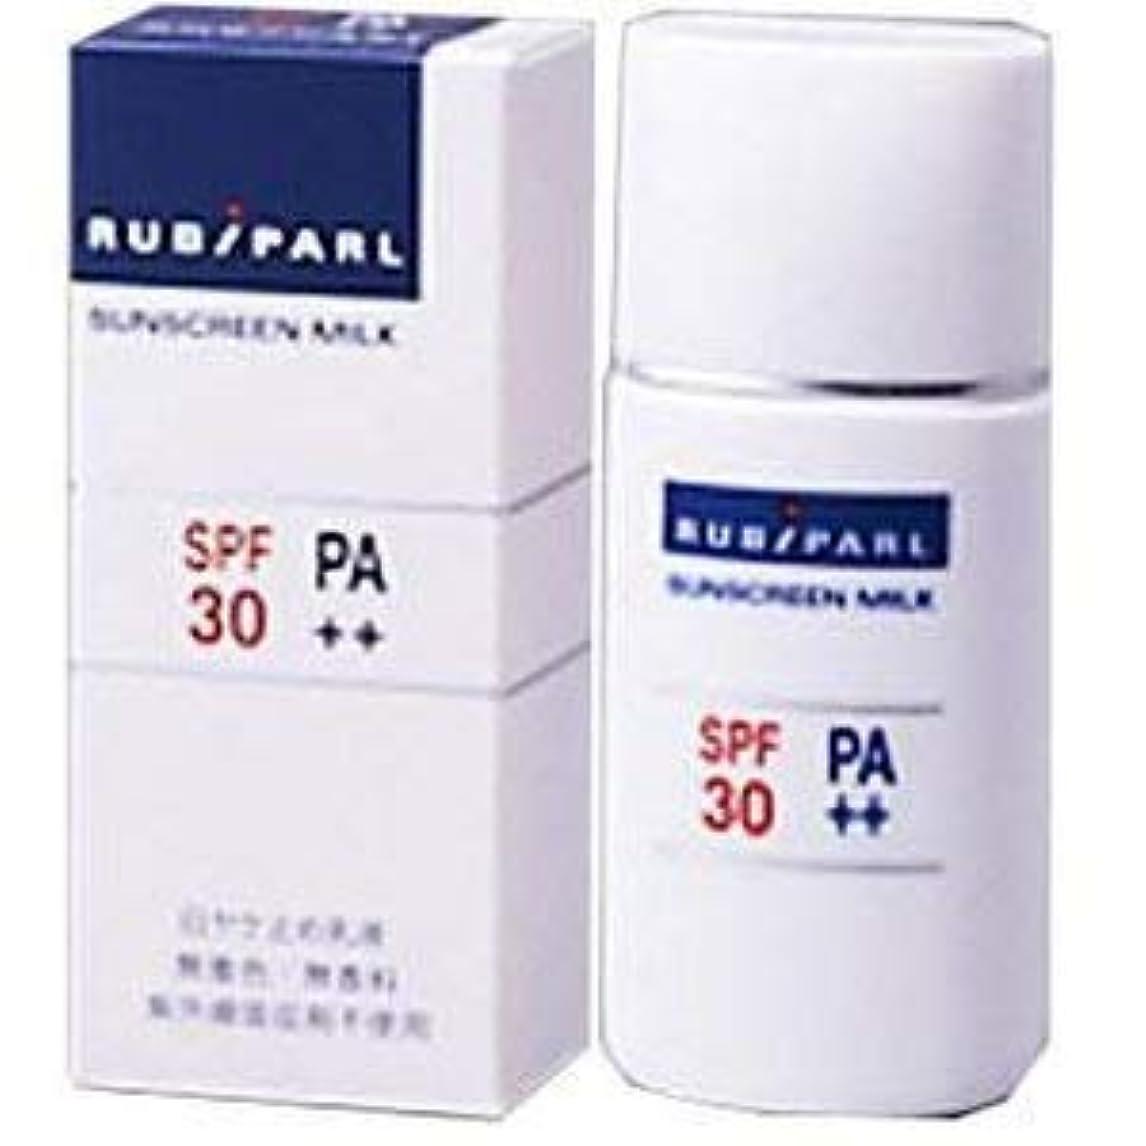 影響を受けやすいです勧告チータールビパール サンスクリーンミルク 日ヤケ止め乳液 SPF30 PA++ 30mLx3個セット